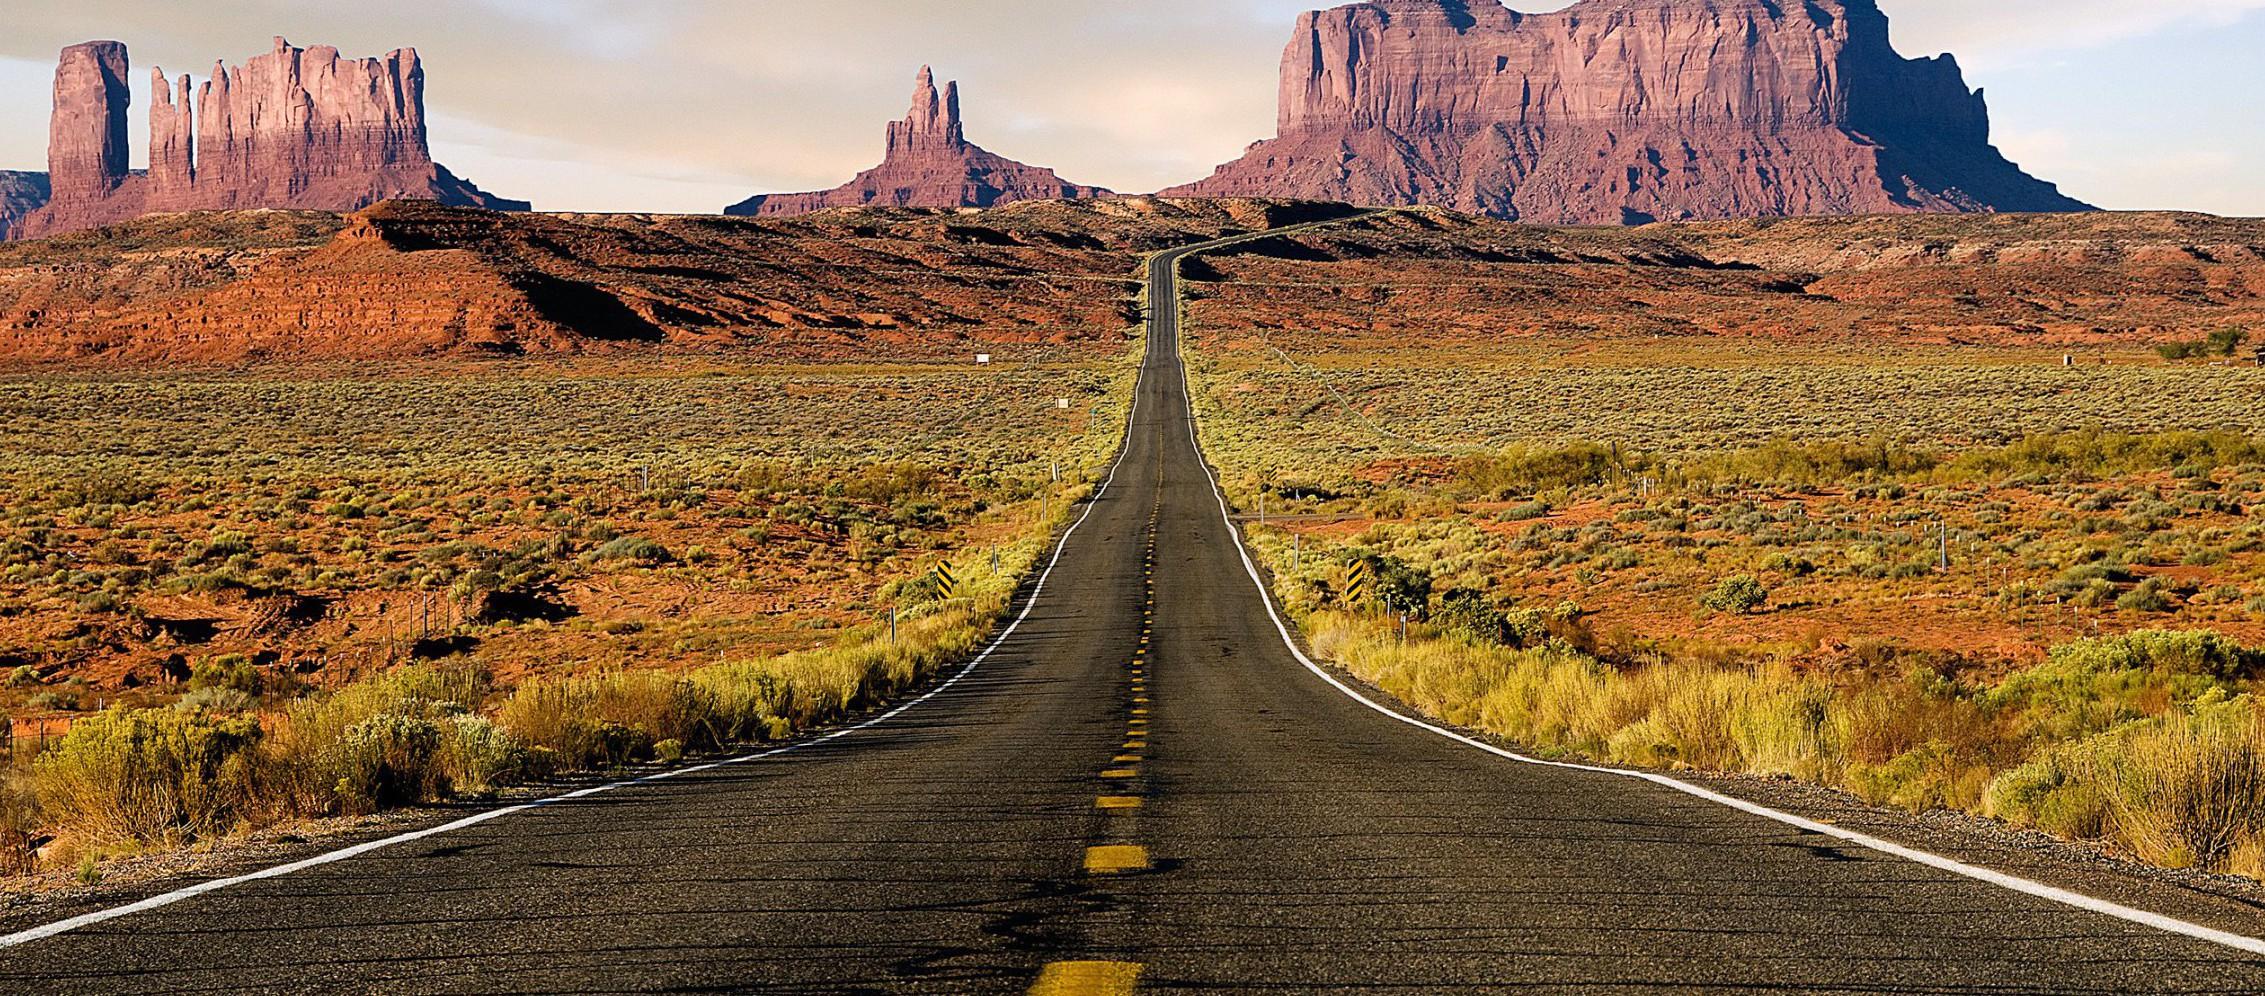 open-road-e1450283803723